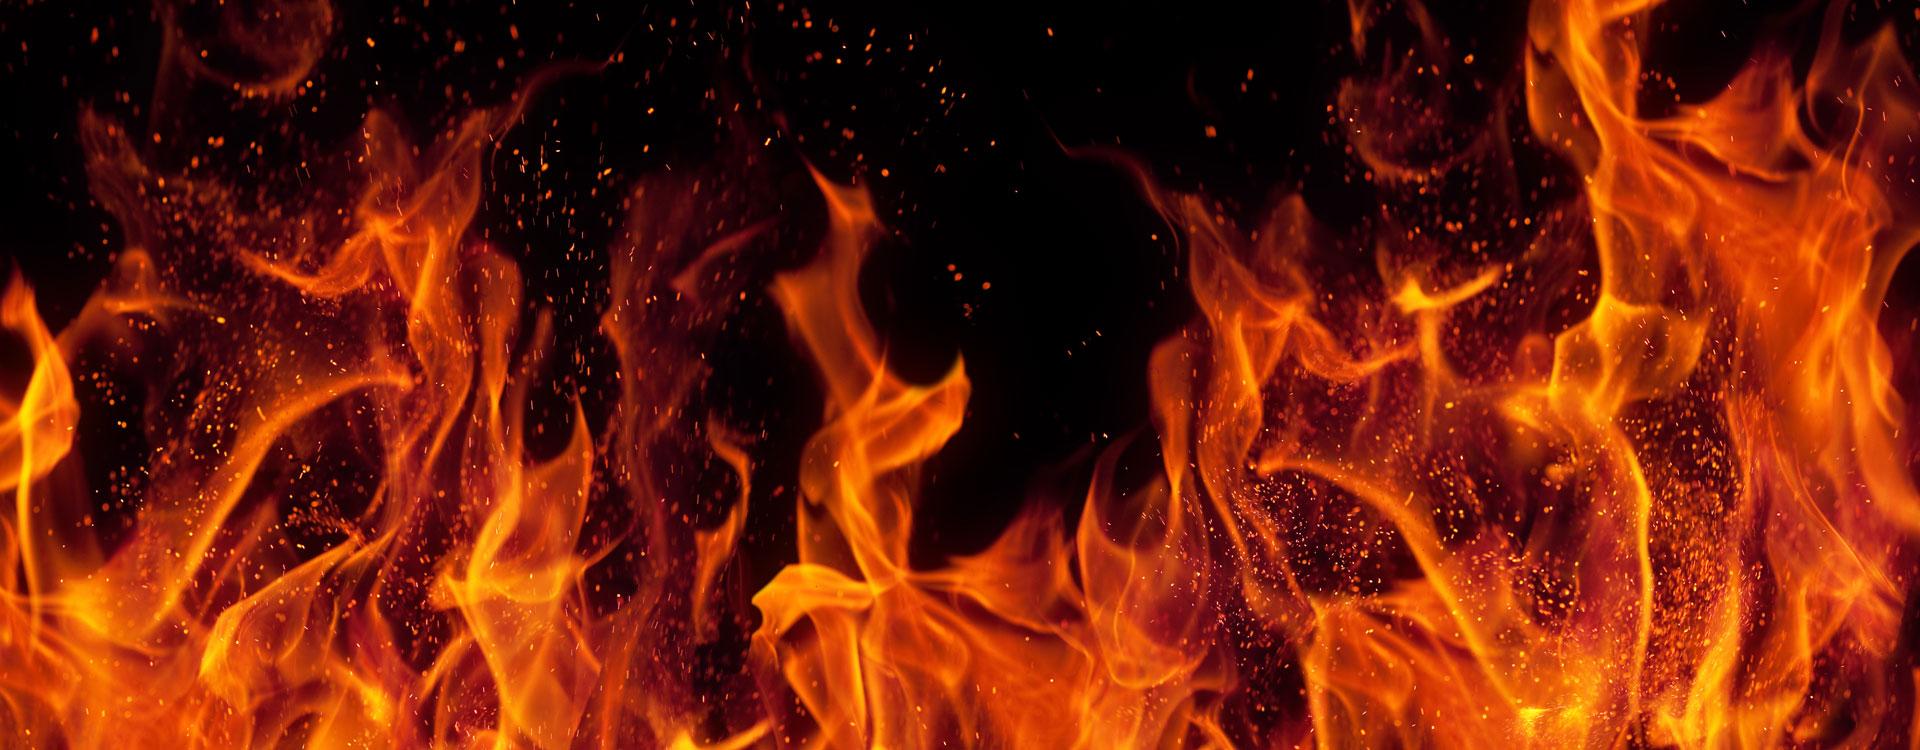 eurosikurezza_antincendio